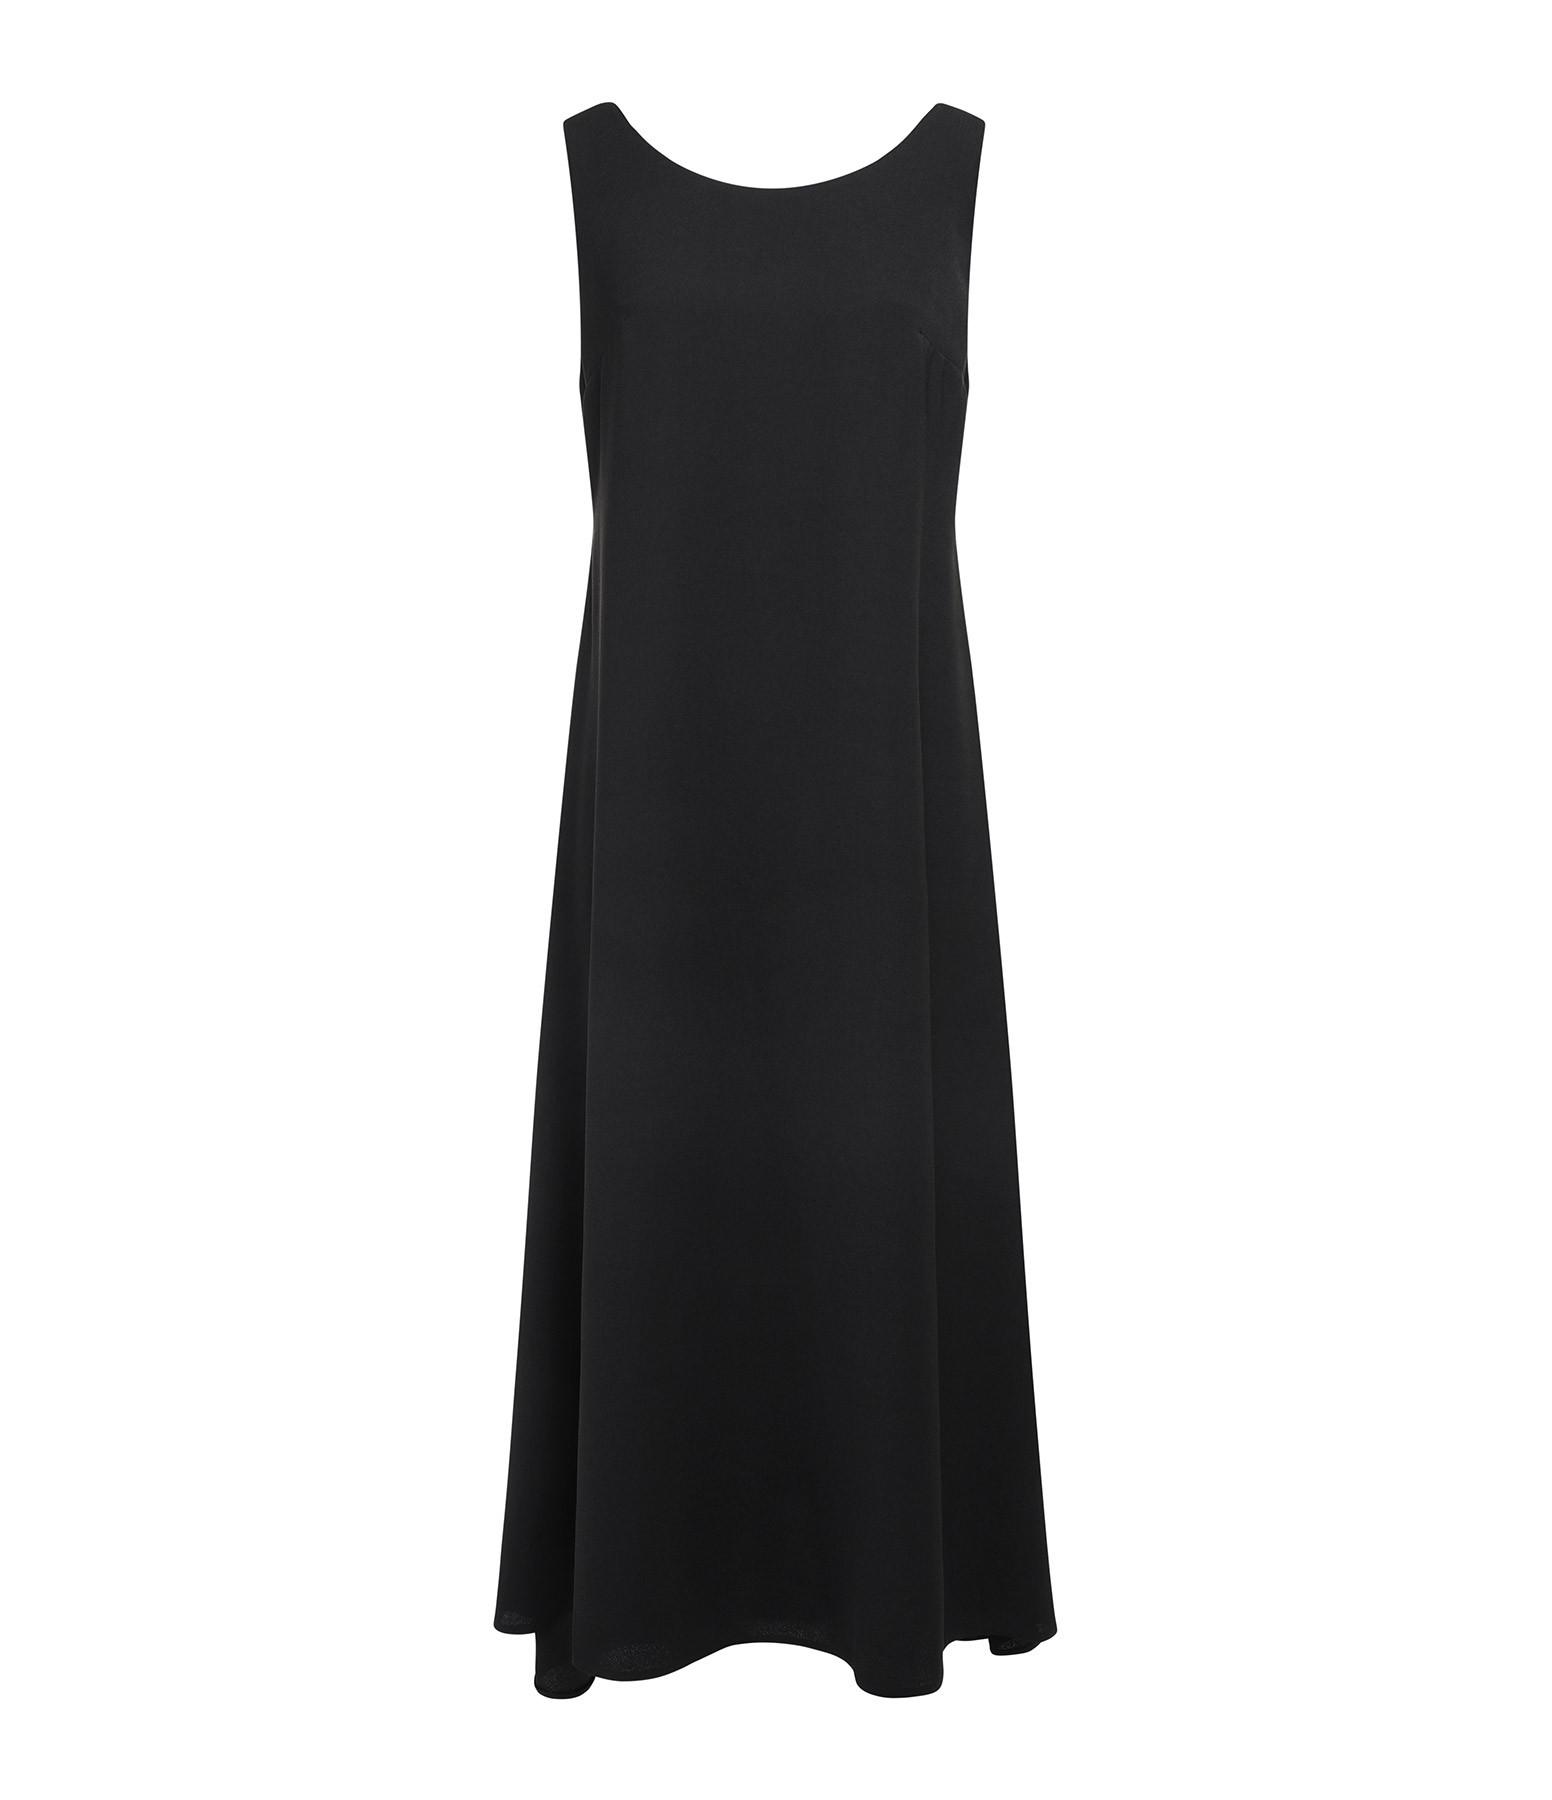 MODETROTTER - Robe Mahaut Noir